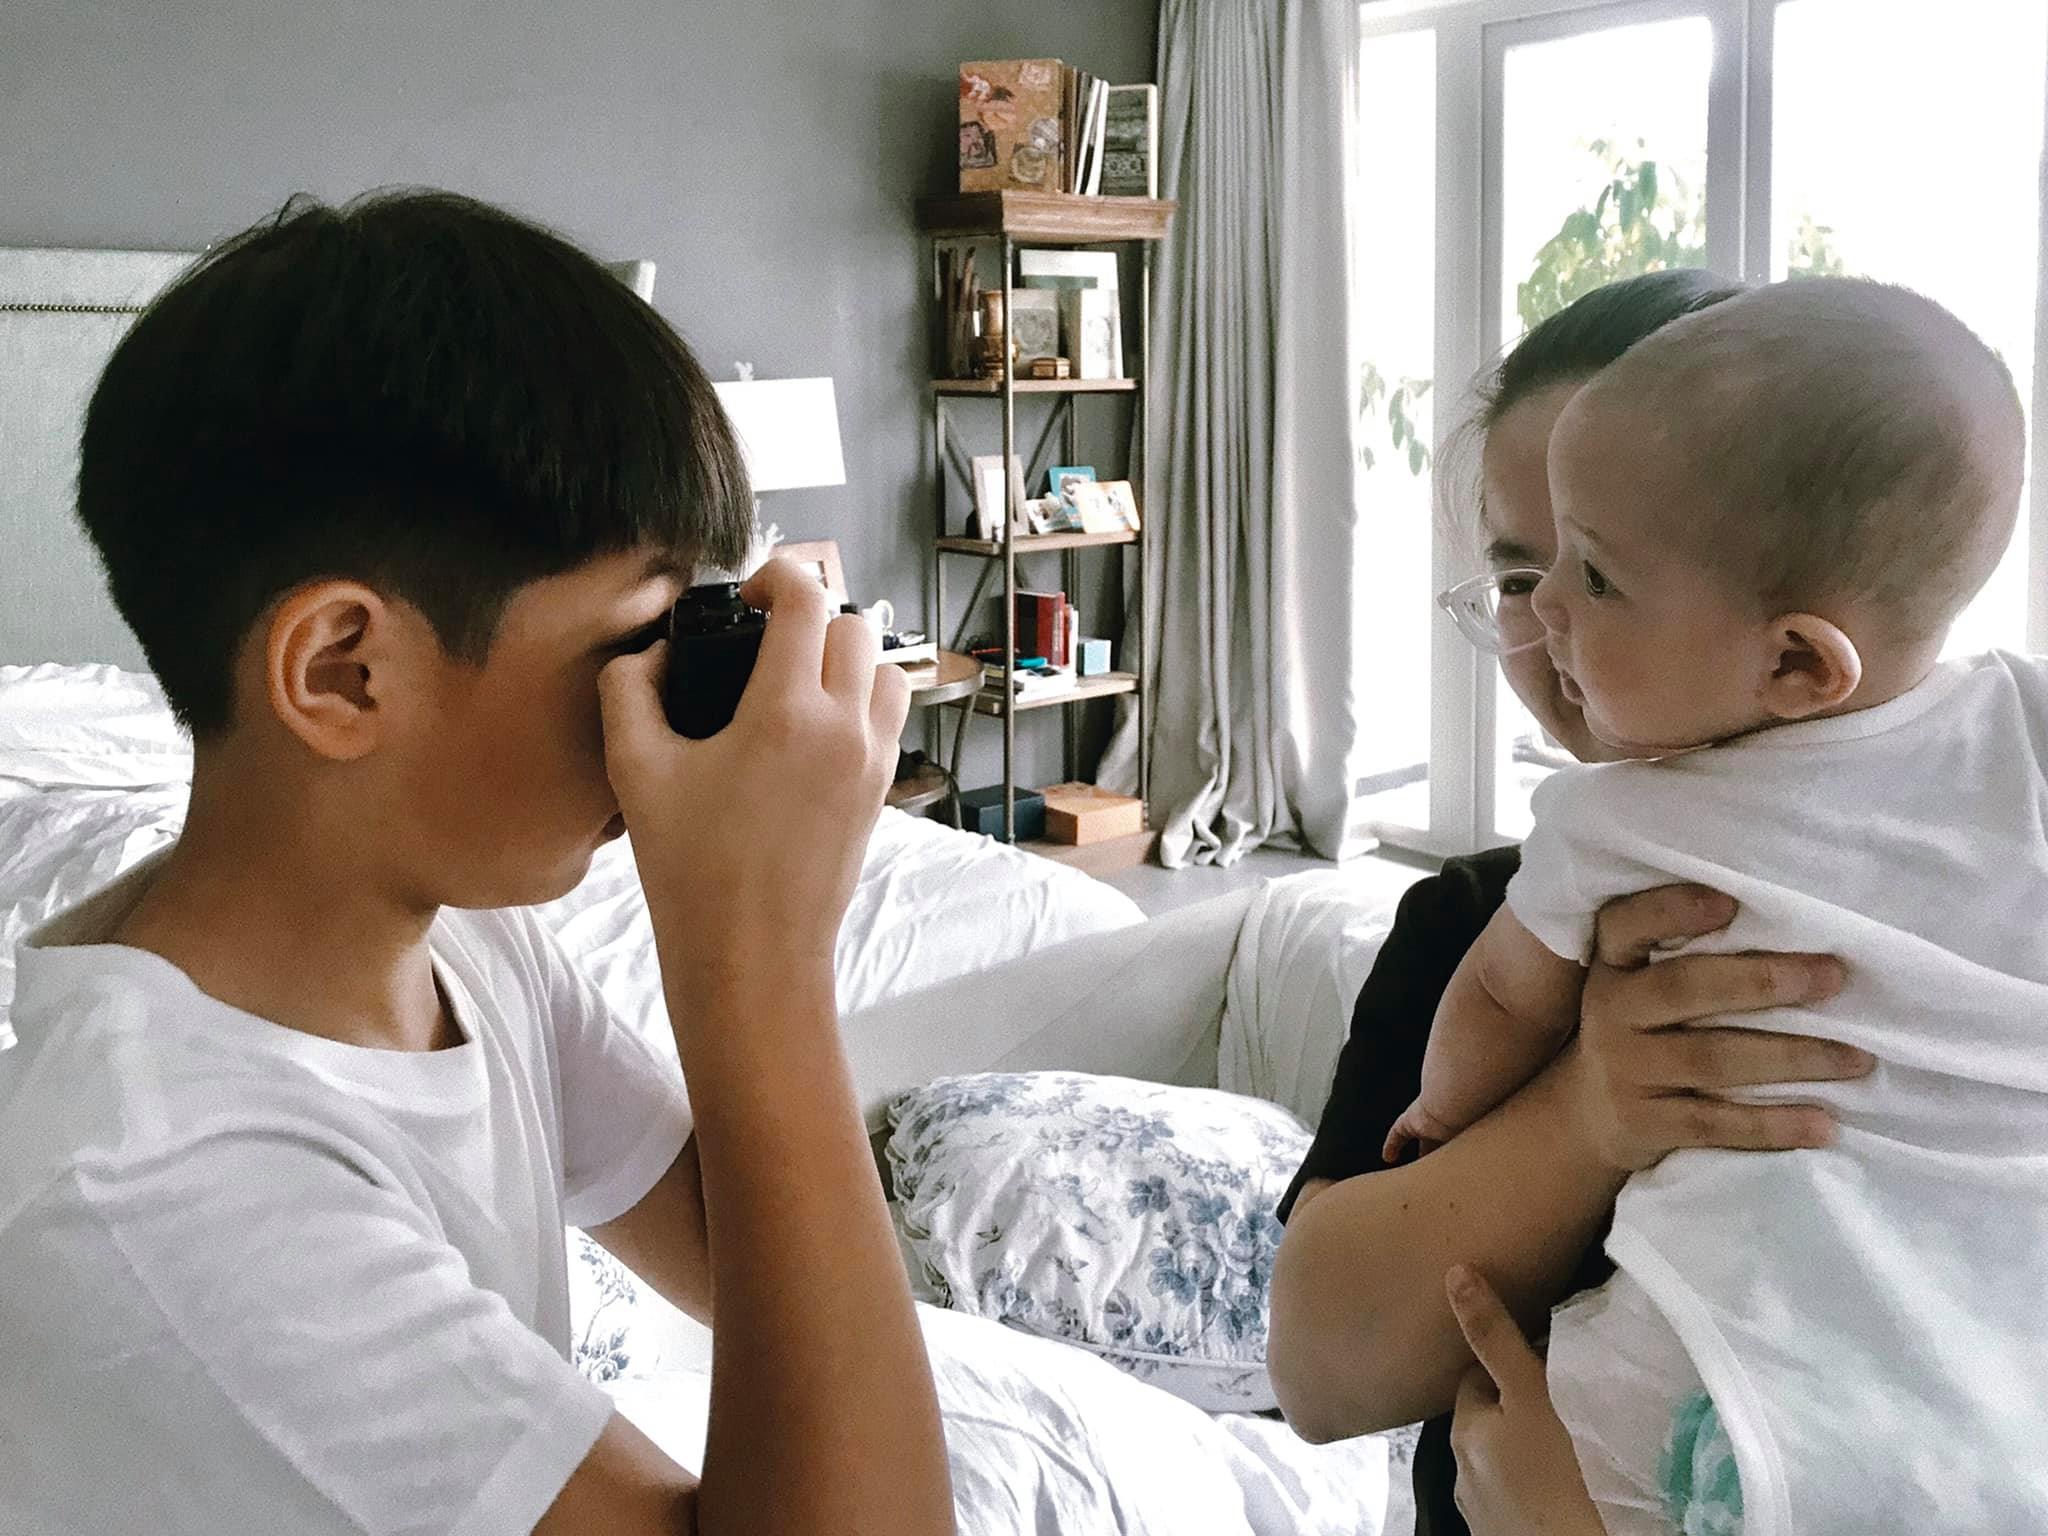 Cậu nhóc yêu thích chụp ảnh phim và thường xuyên ghi lại nhiều hình ảnh kỷ niệm của gia đình.